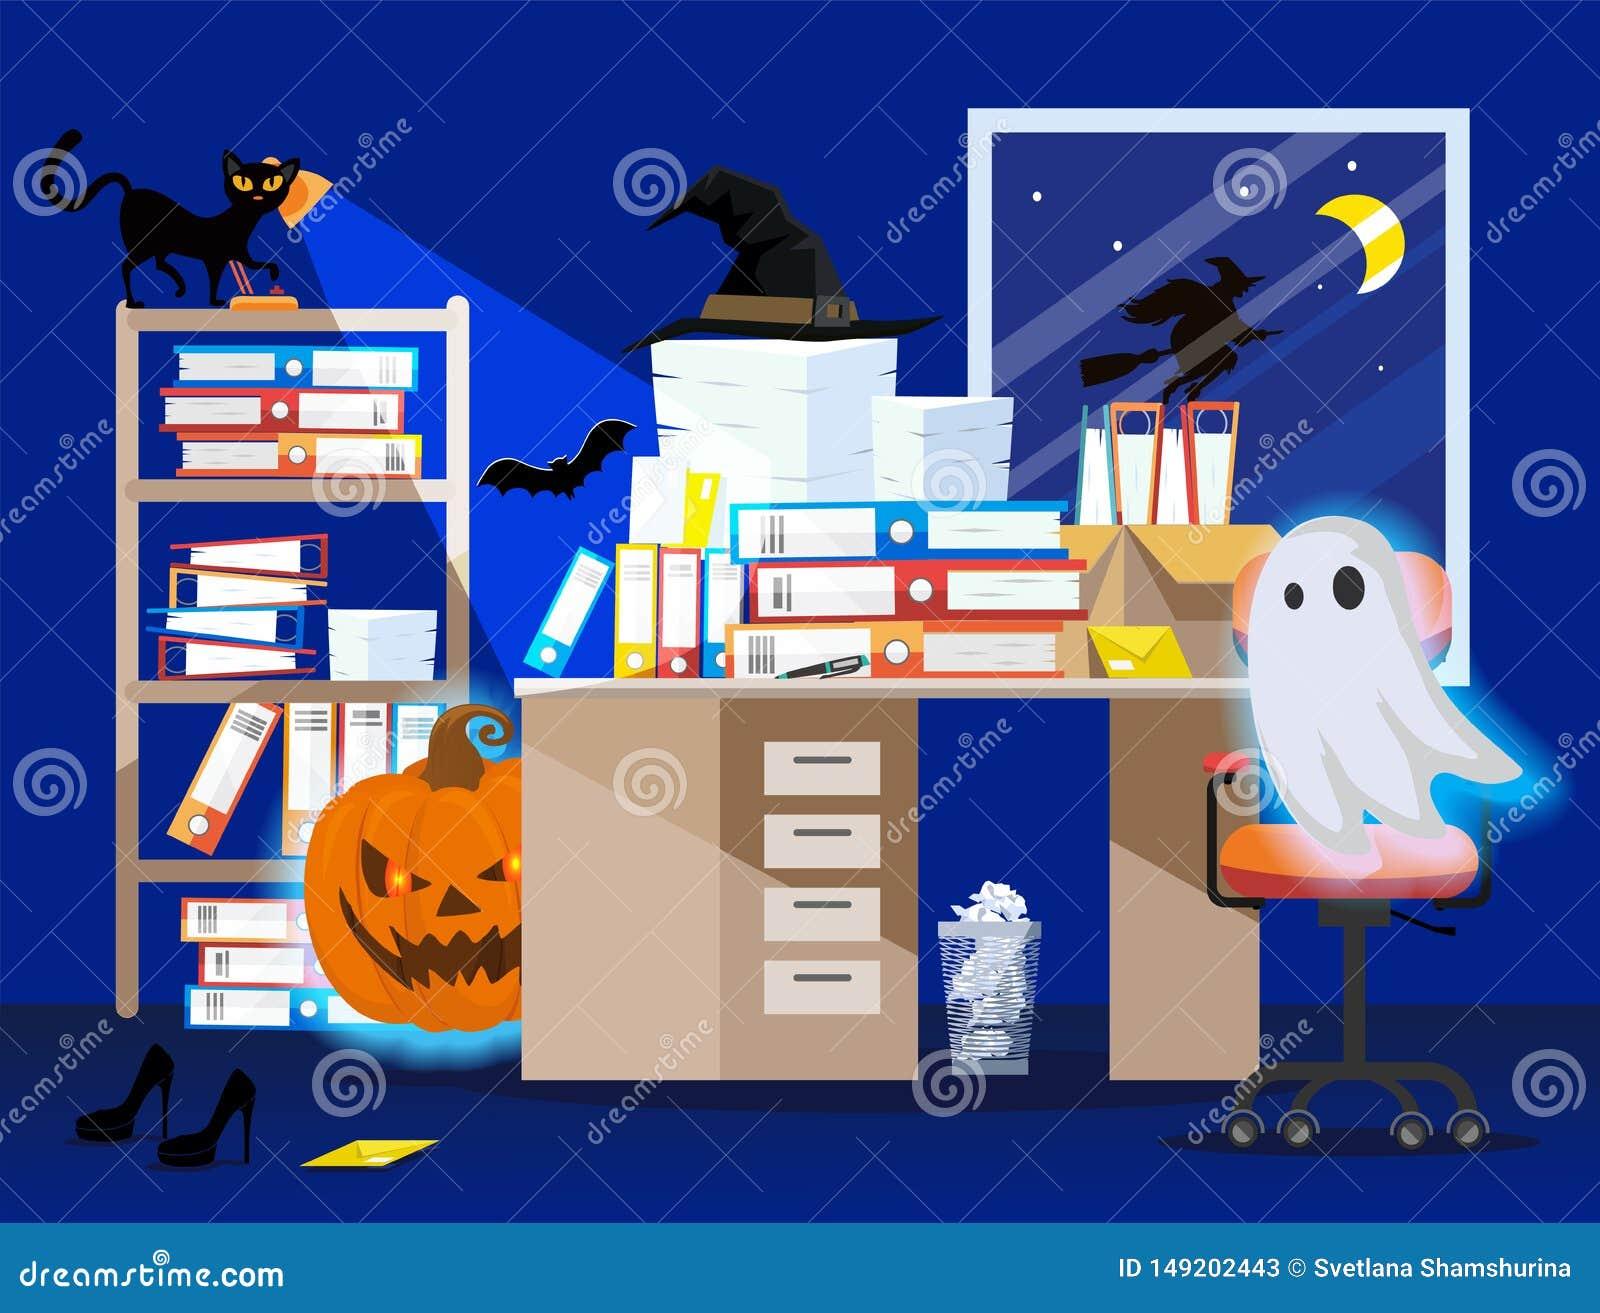 Lugar de trabalho no feriado Dia das Bruxas na cor azul Ilustração lisa da sala do escritório interior com abóbora, fantasma de i